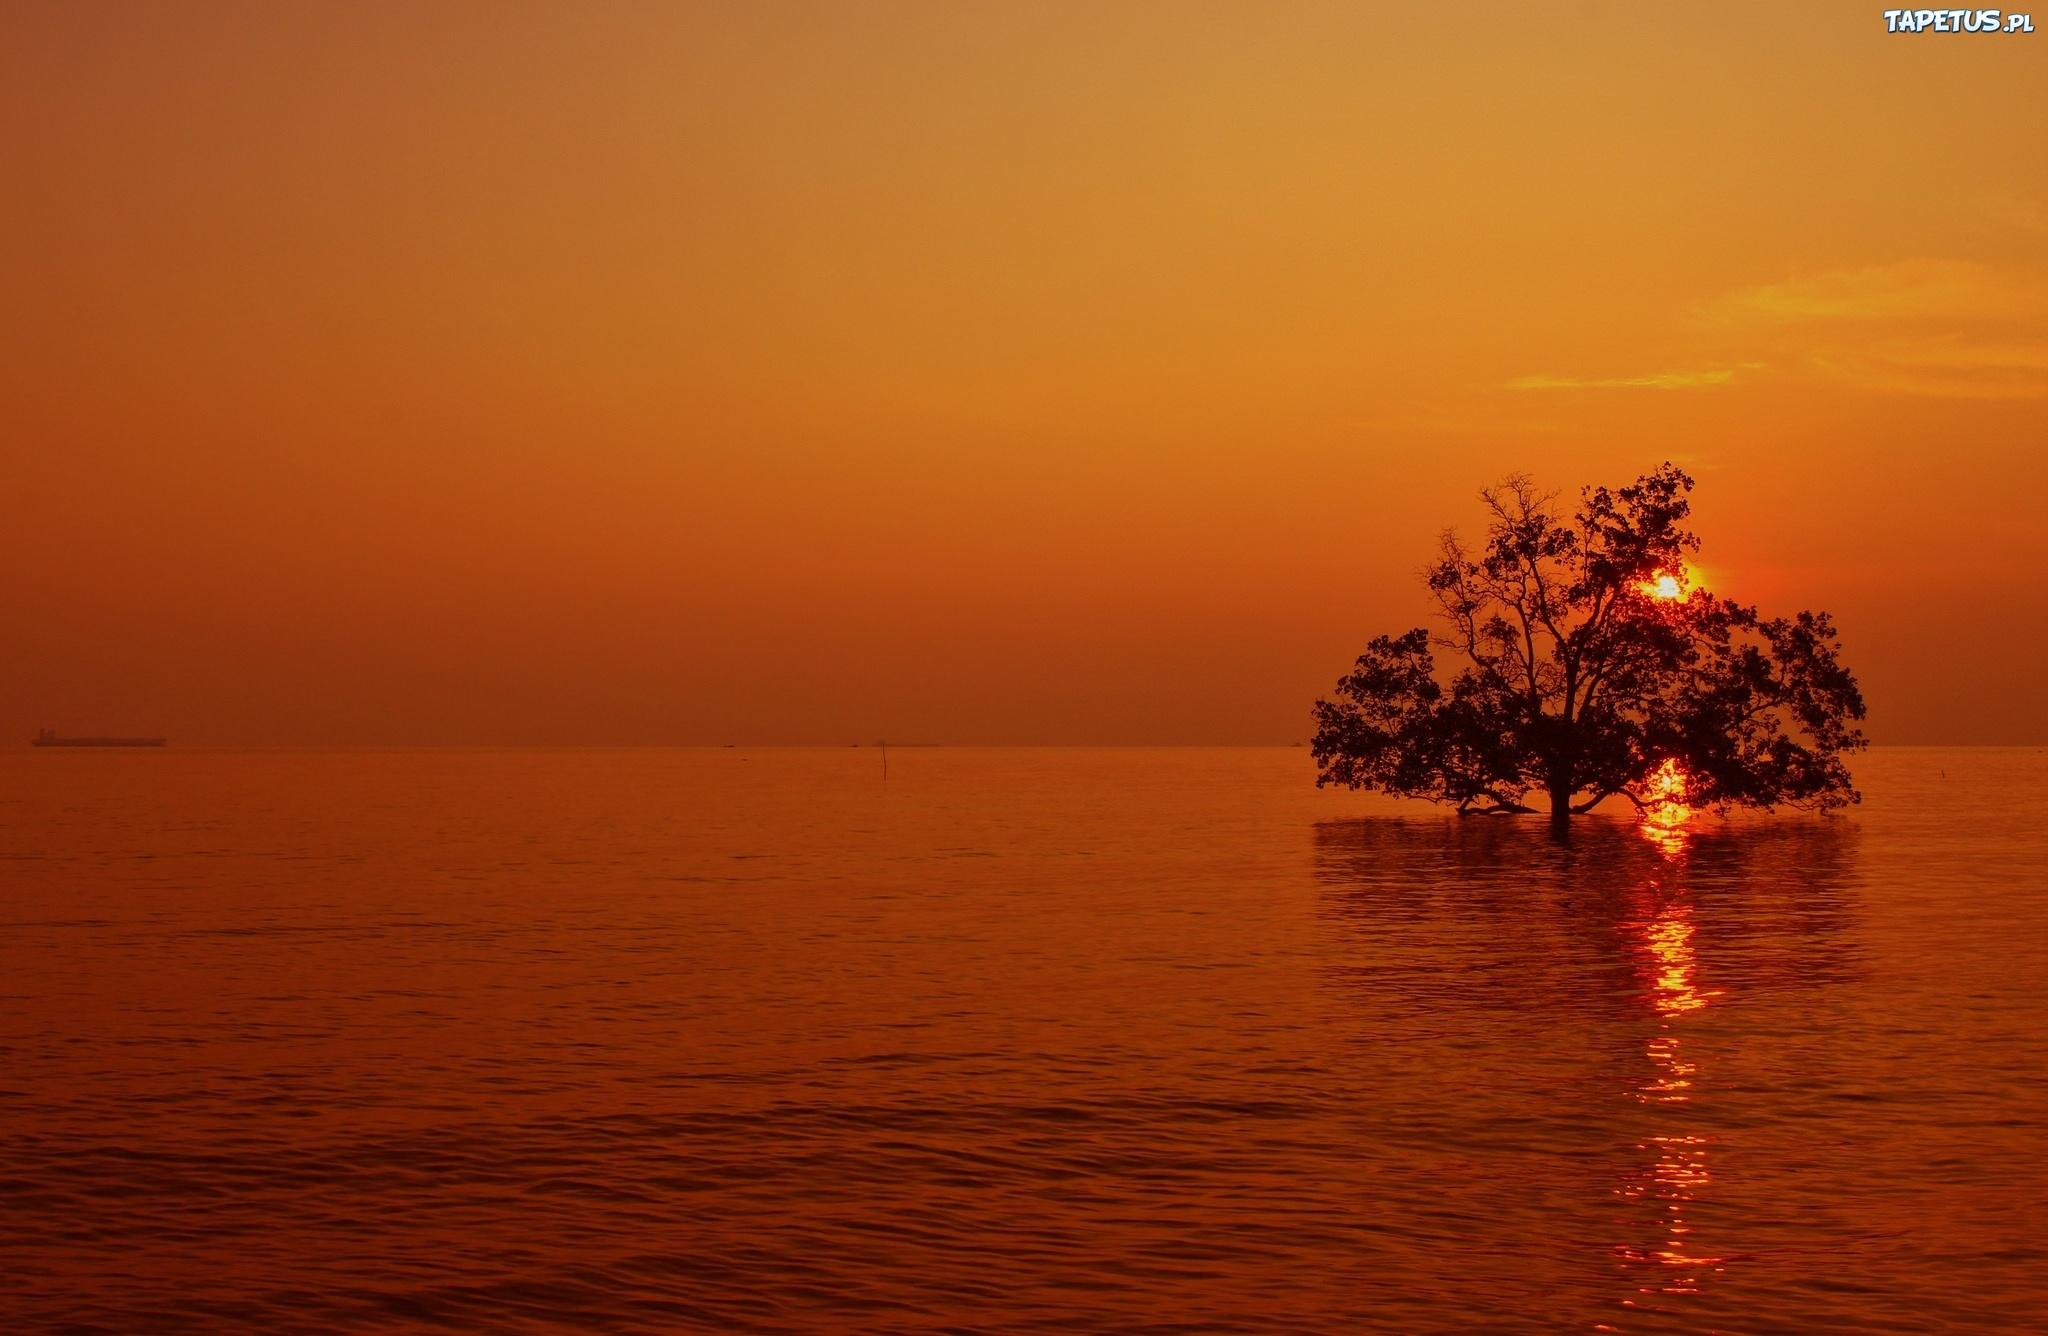 природа деревья море солнце горизонт вечер без смс